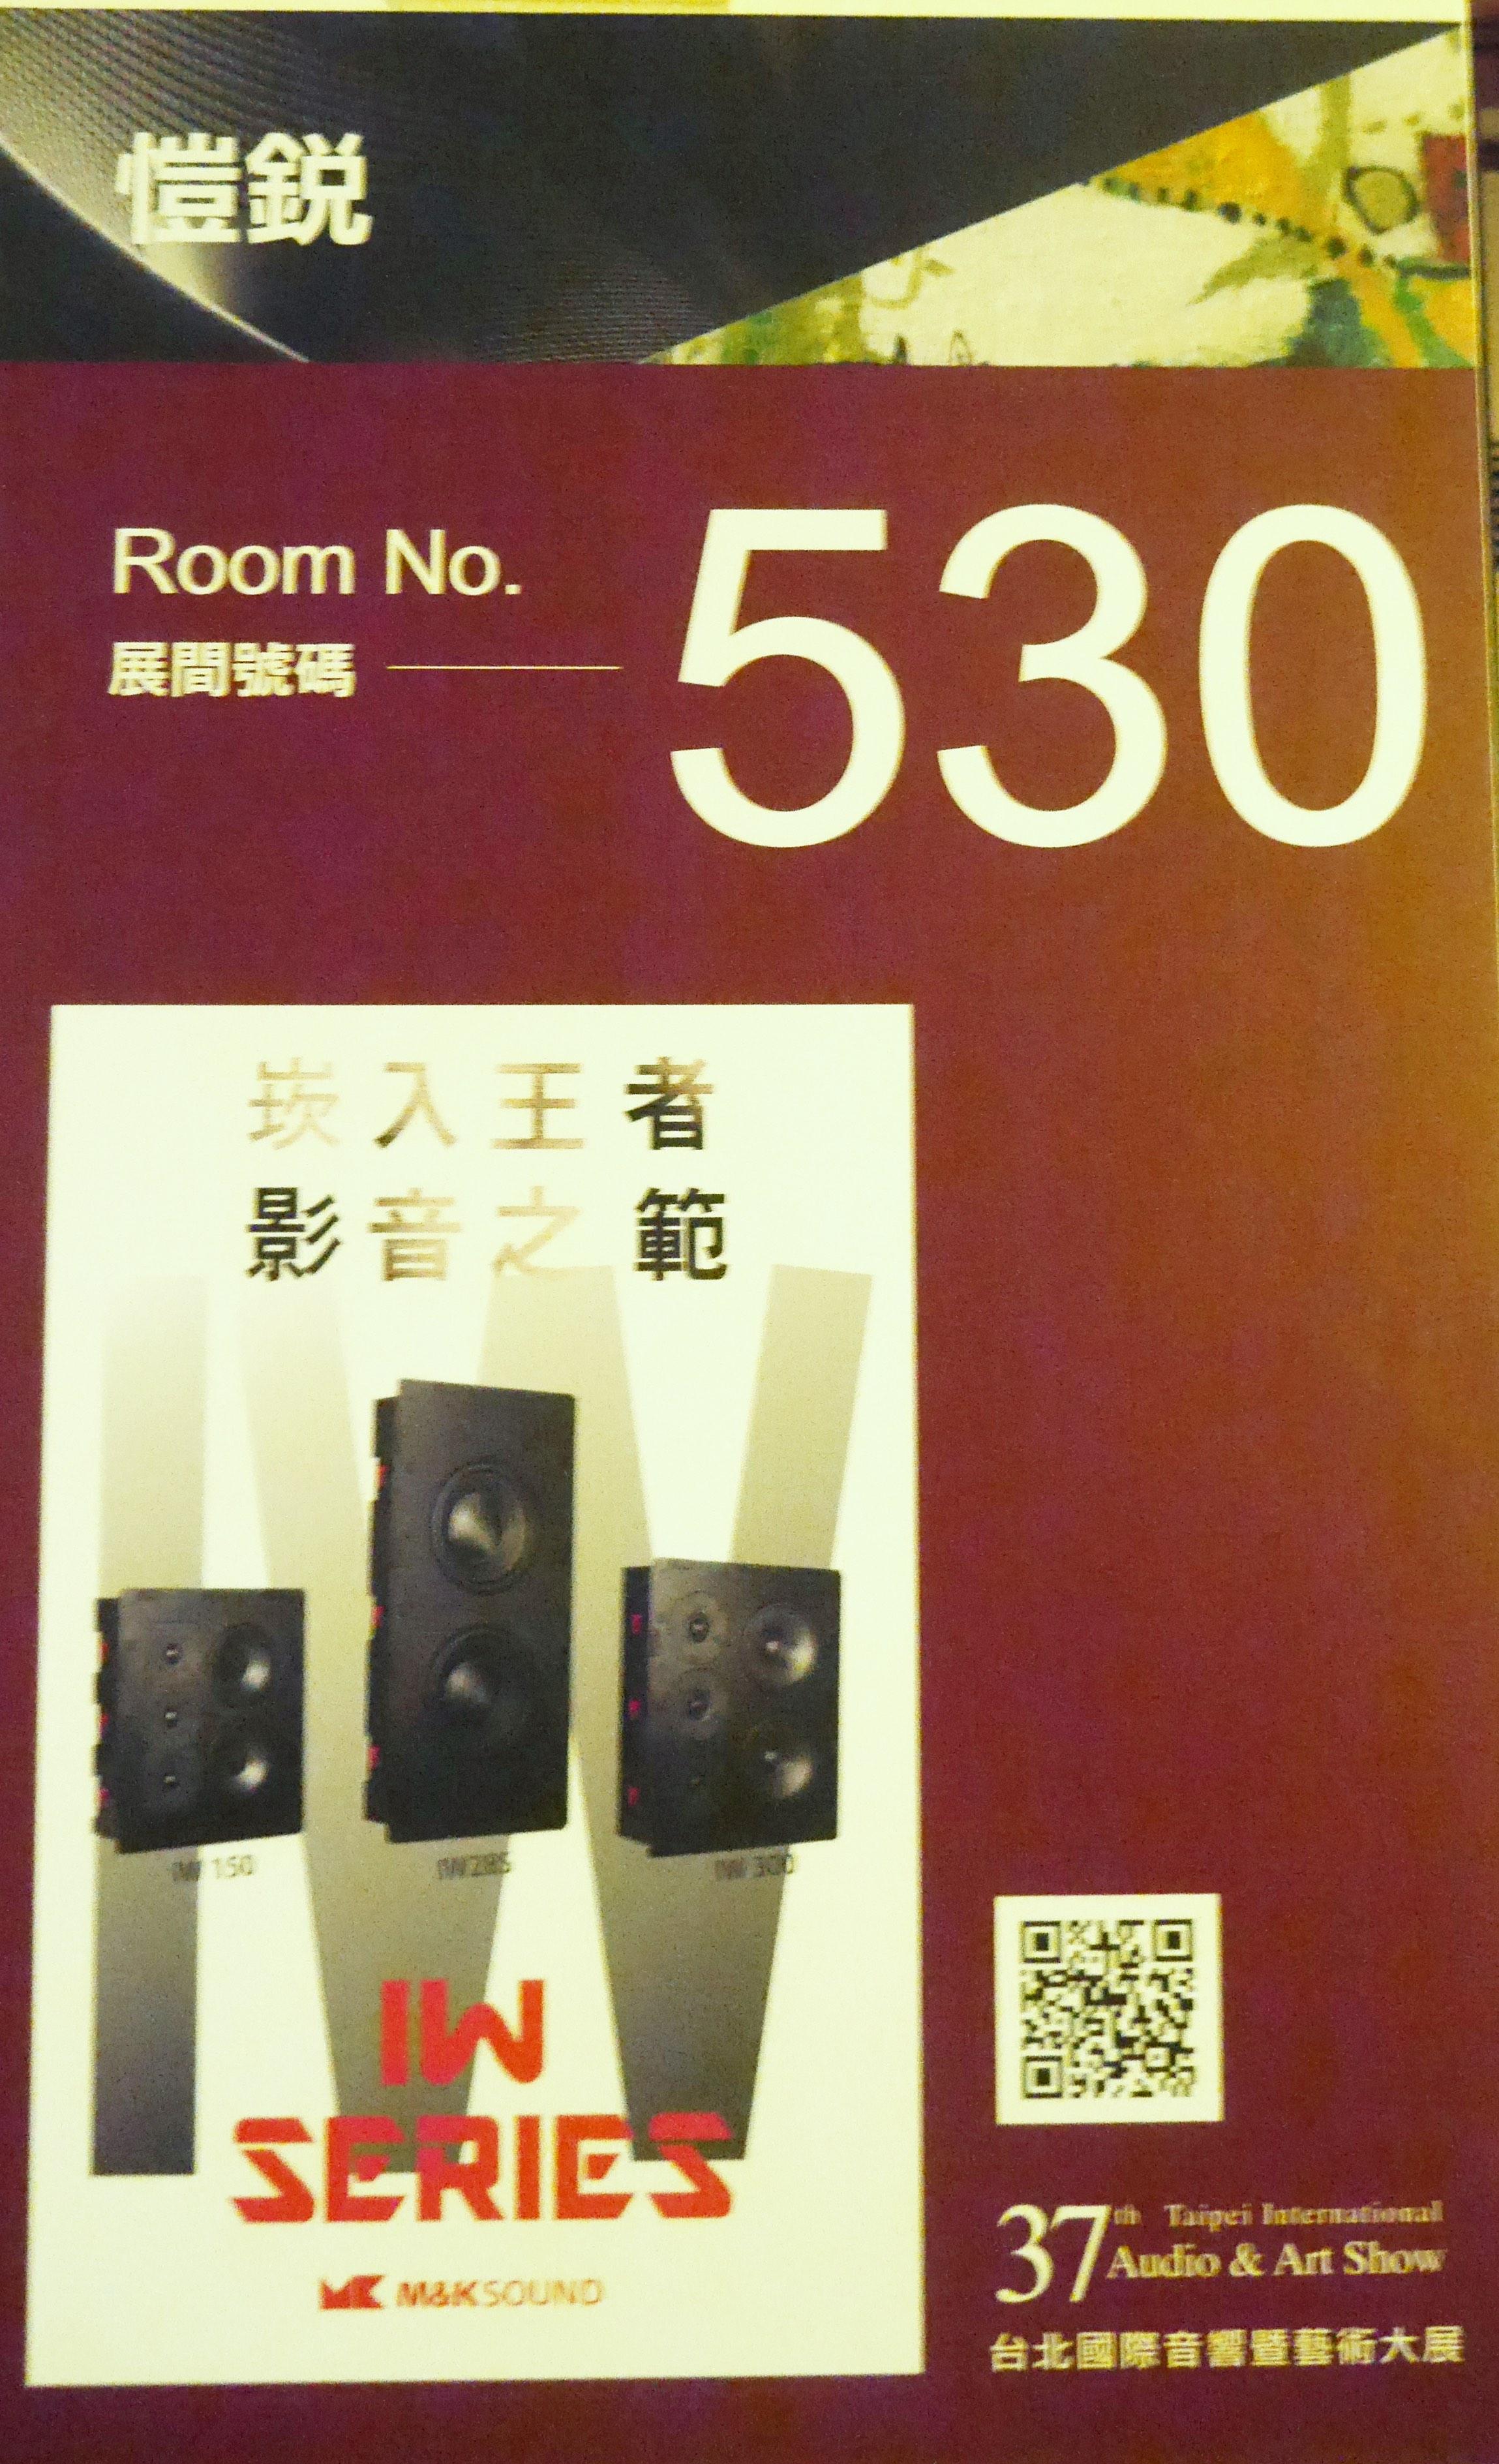 愷銳音響530展房「崁入王者 影音之範」立牌